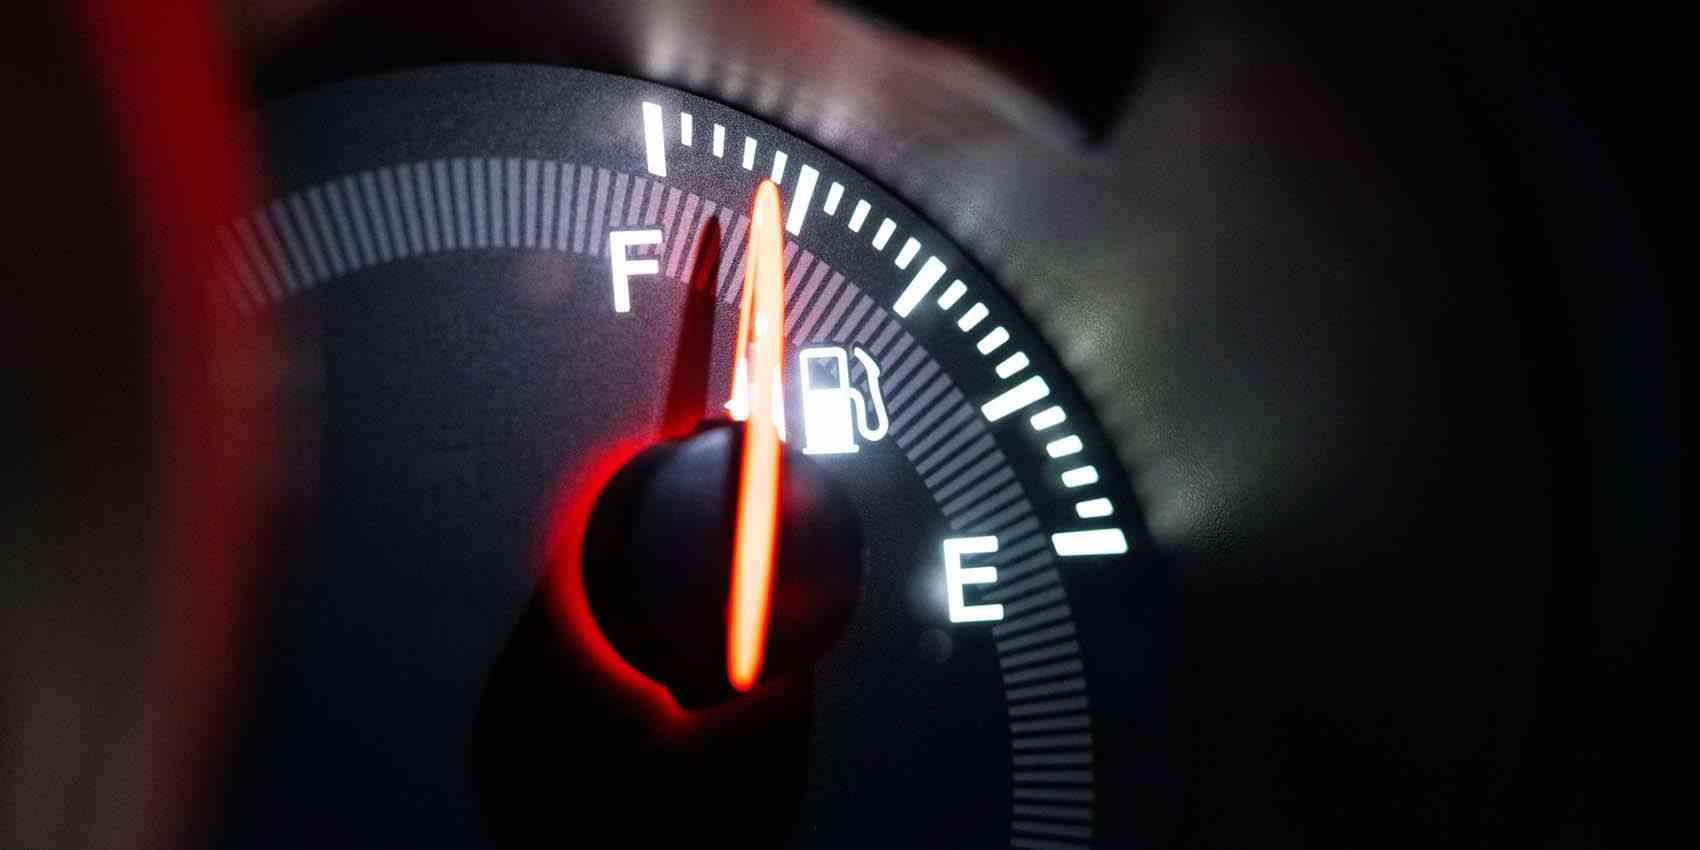 車の燃費を良くするコツとは!?上手な運転の仕方と影響を与える原因